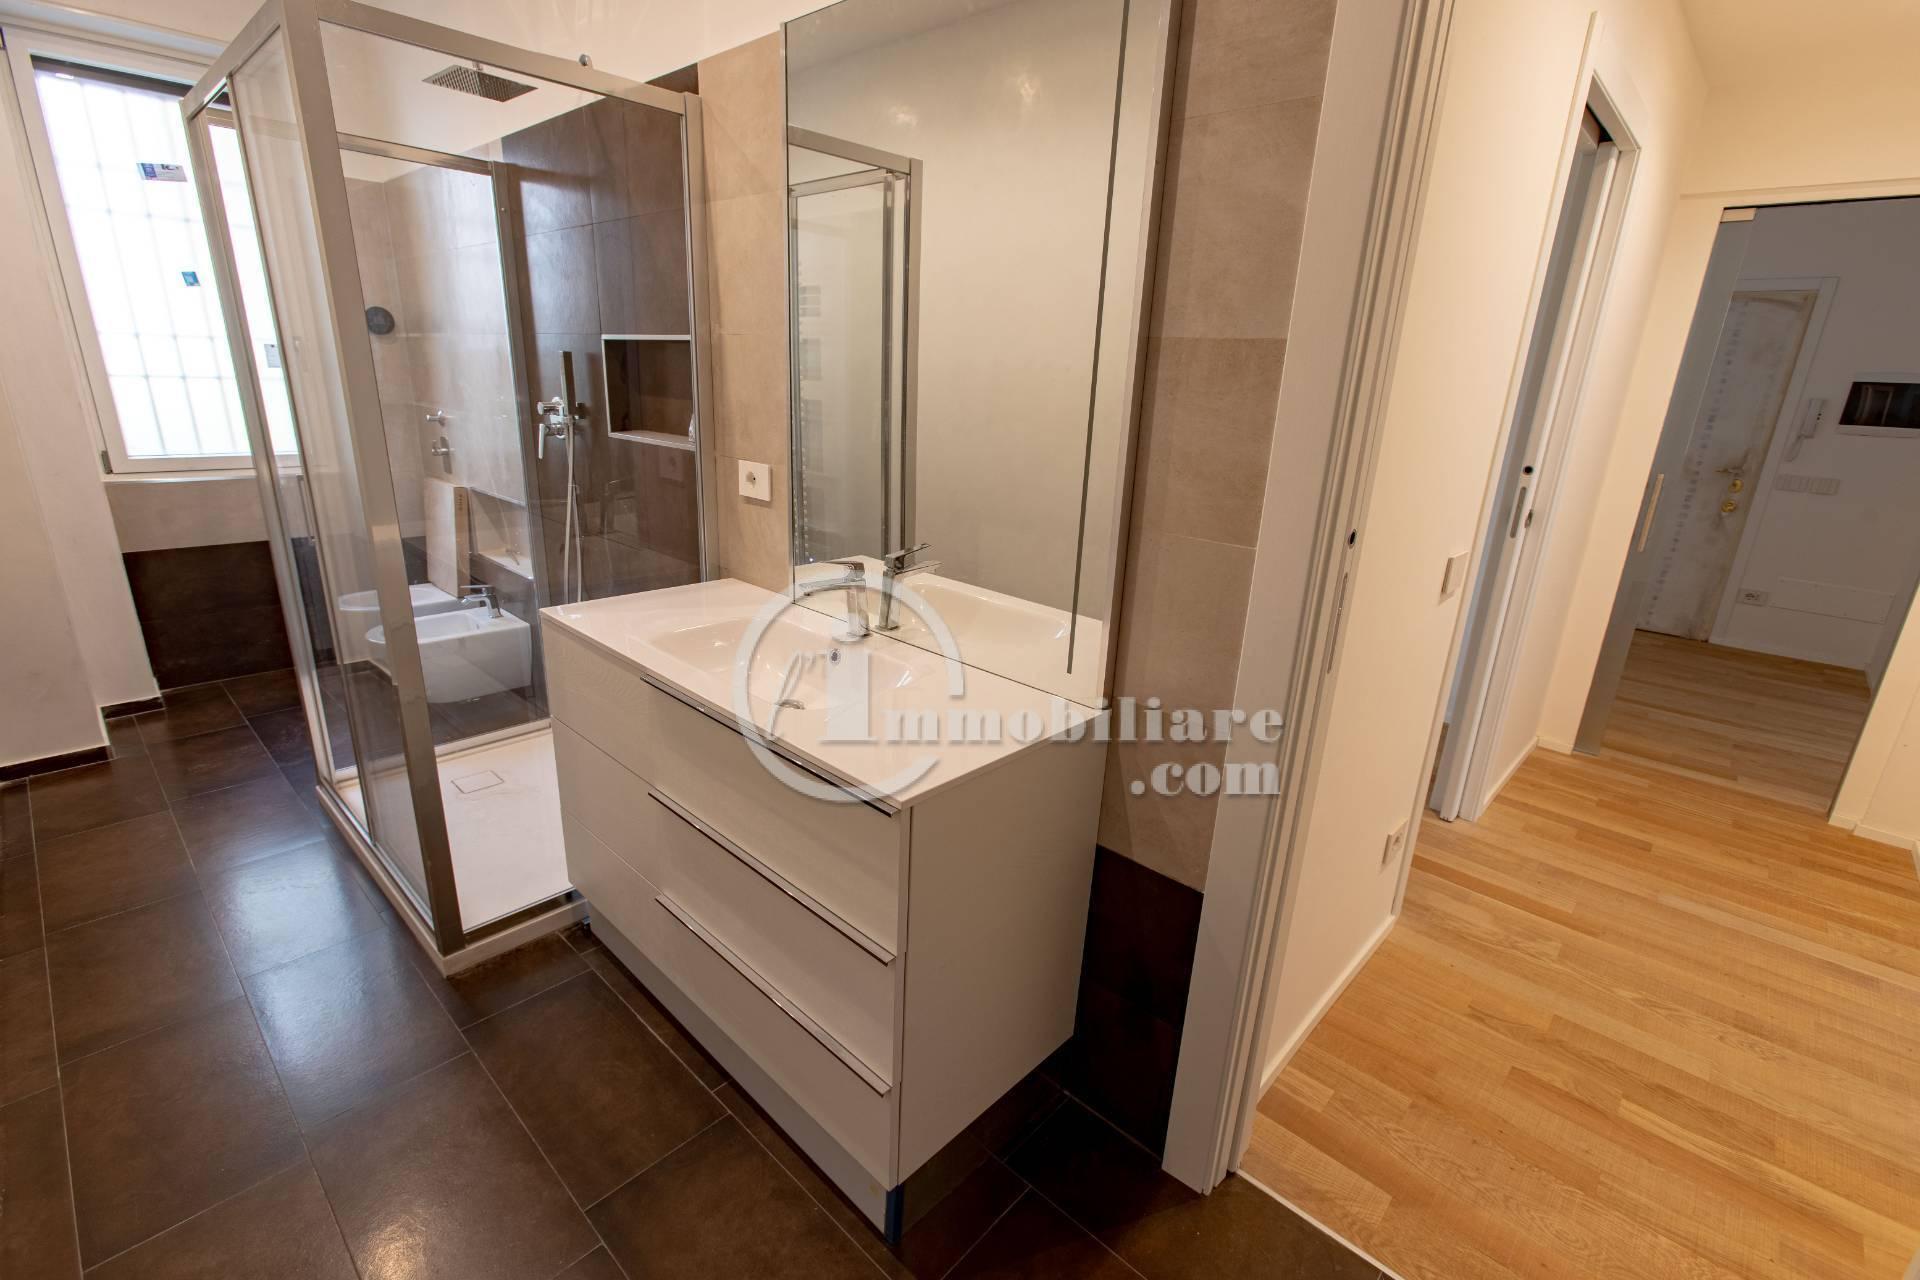 Appartamento in Vendita a Milano: 3 locali, 75 mq - Foto 4